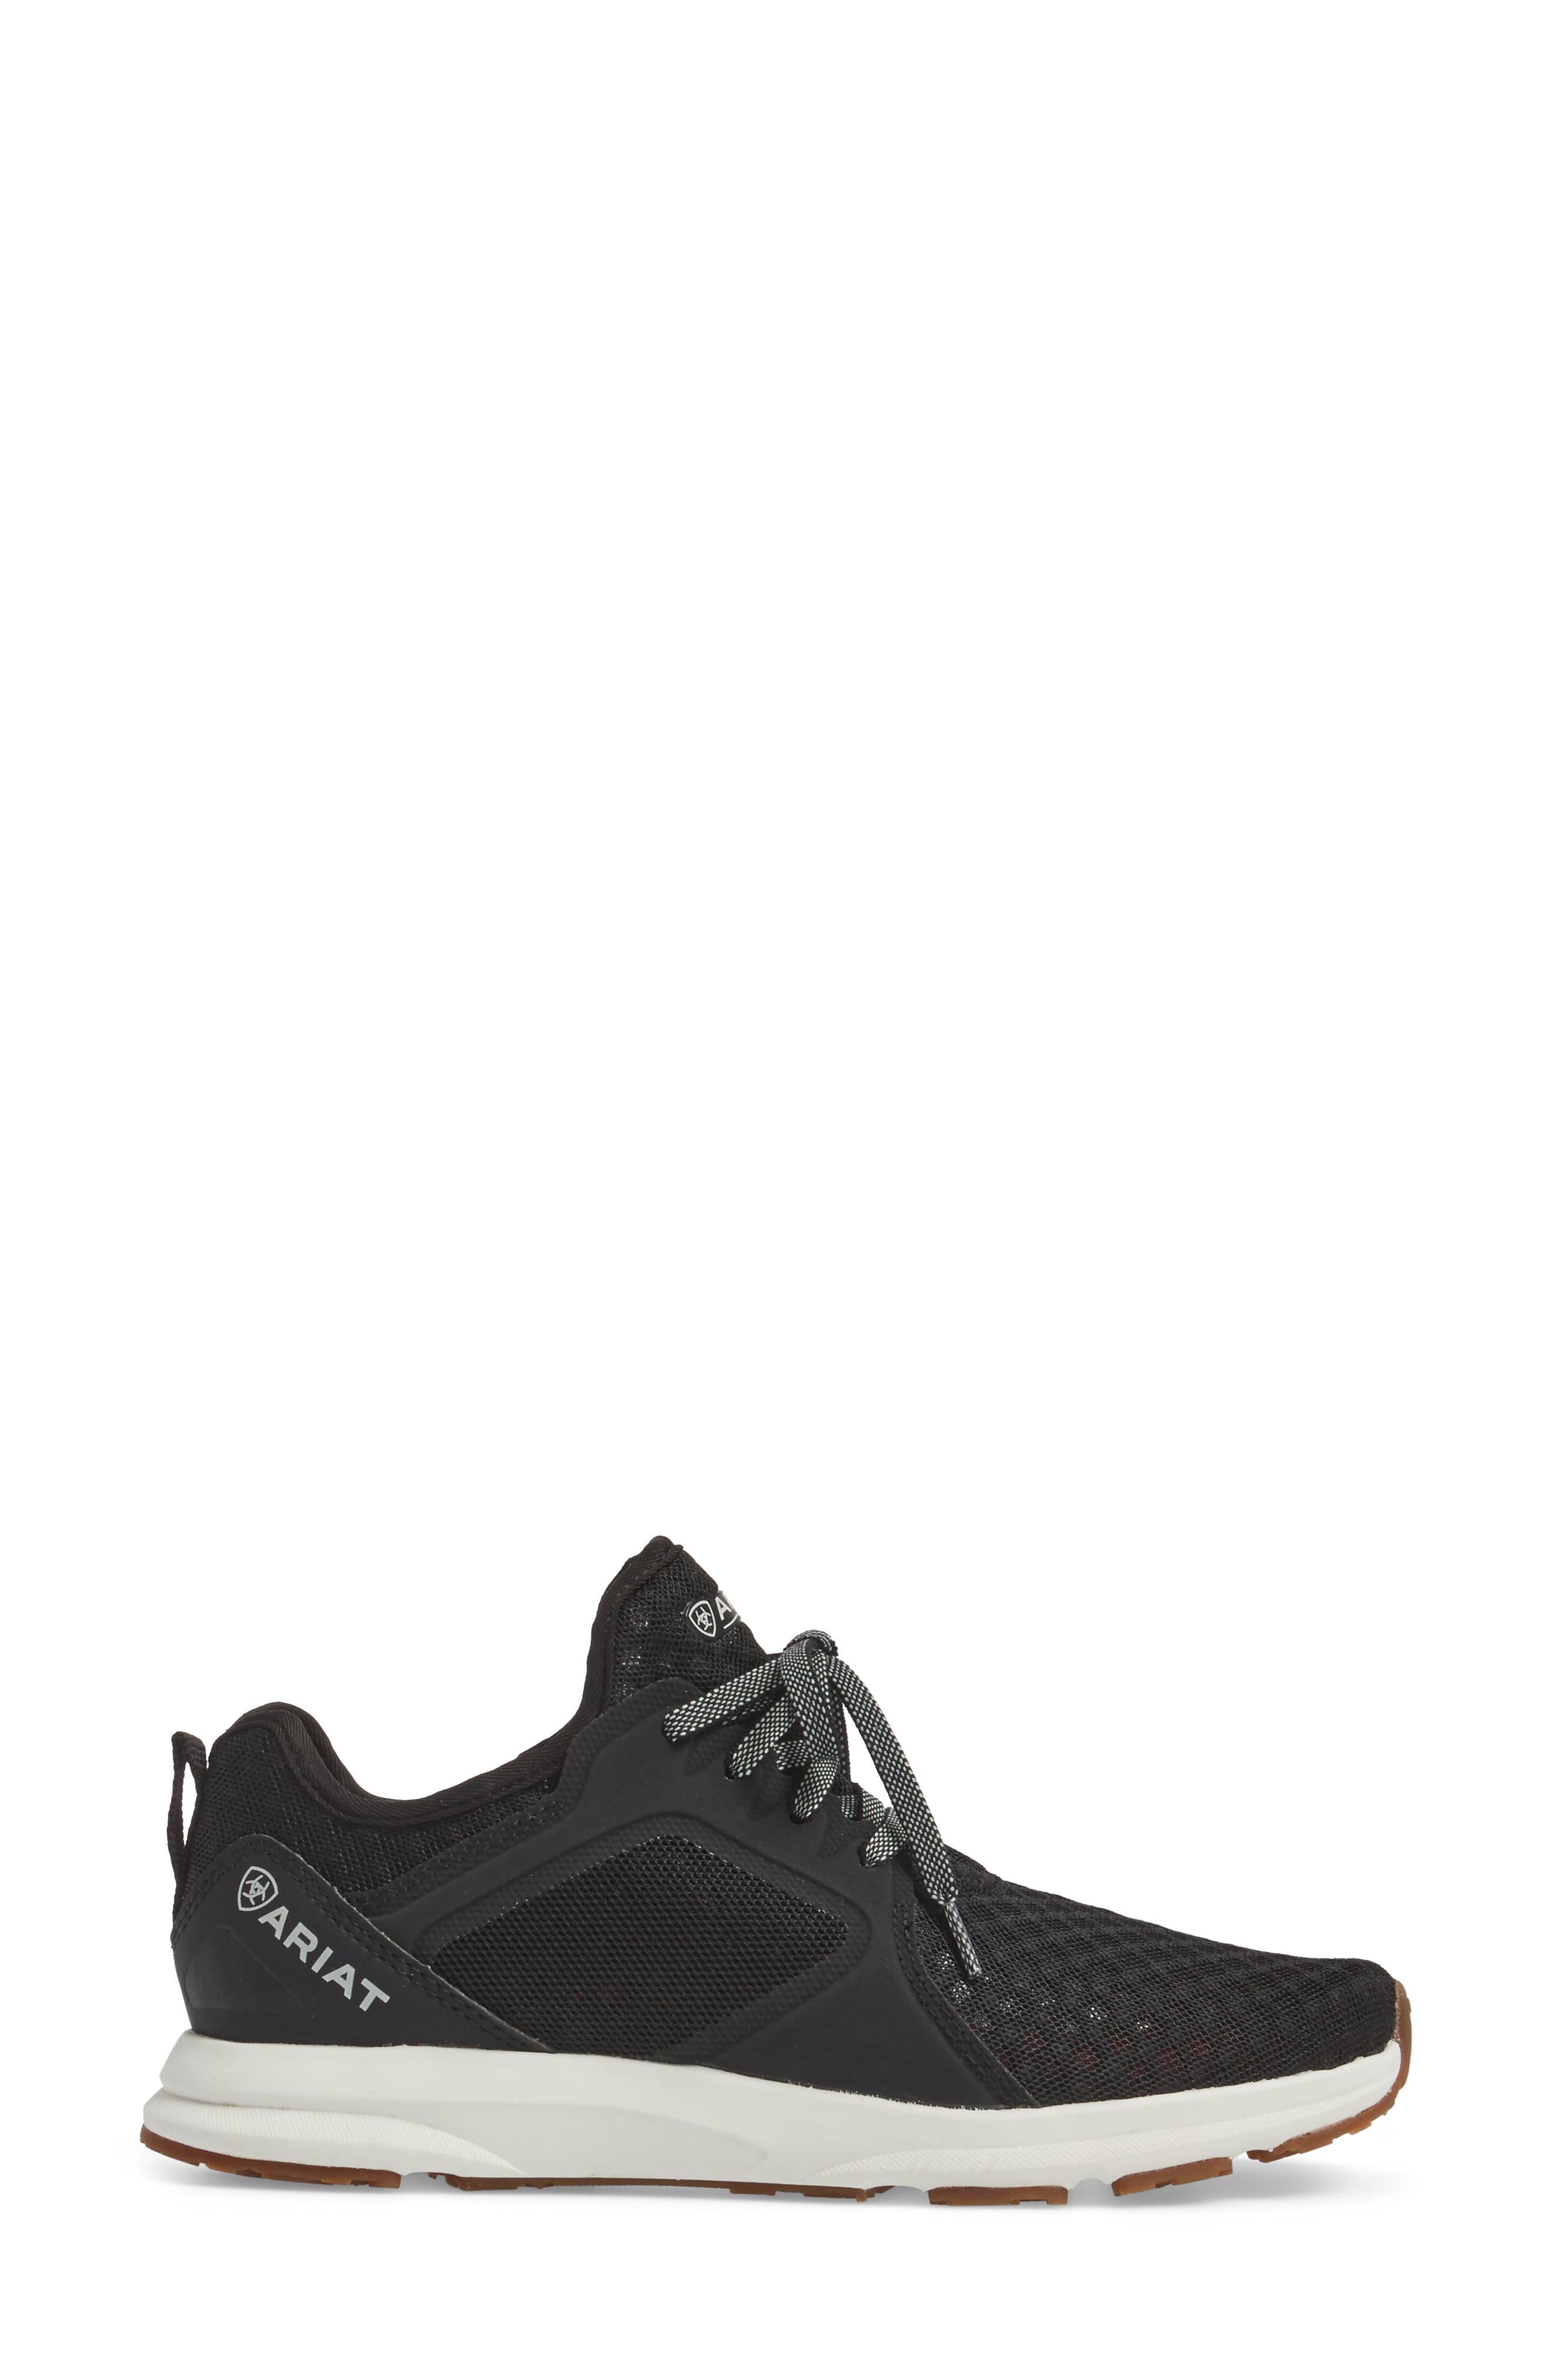 Fuse Sneaker,                             Alternate thumbnail 3, color,                             Black Mesh